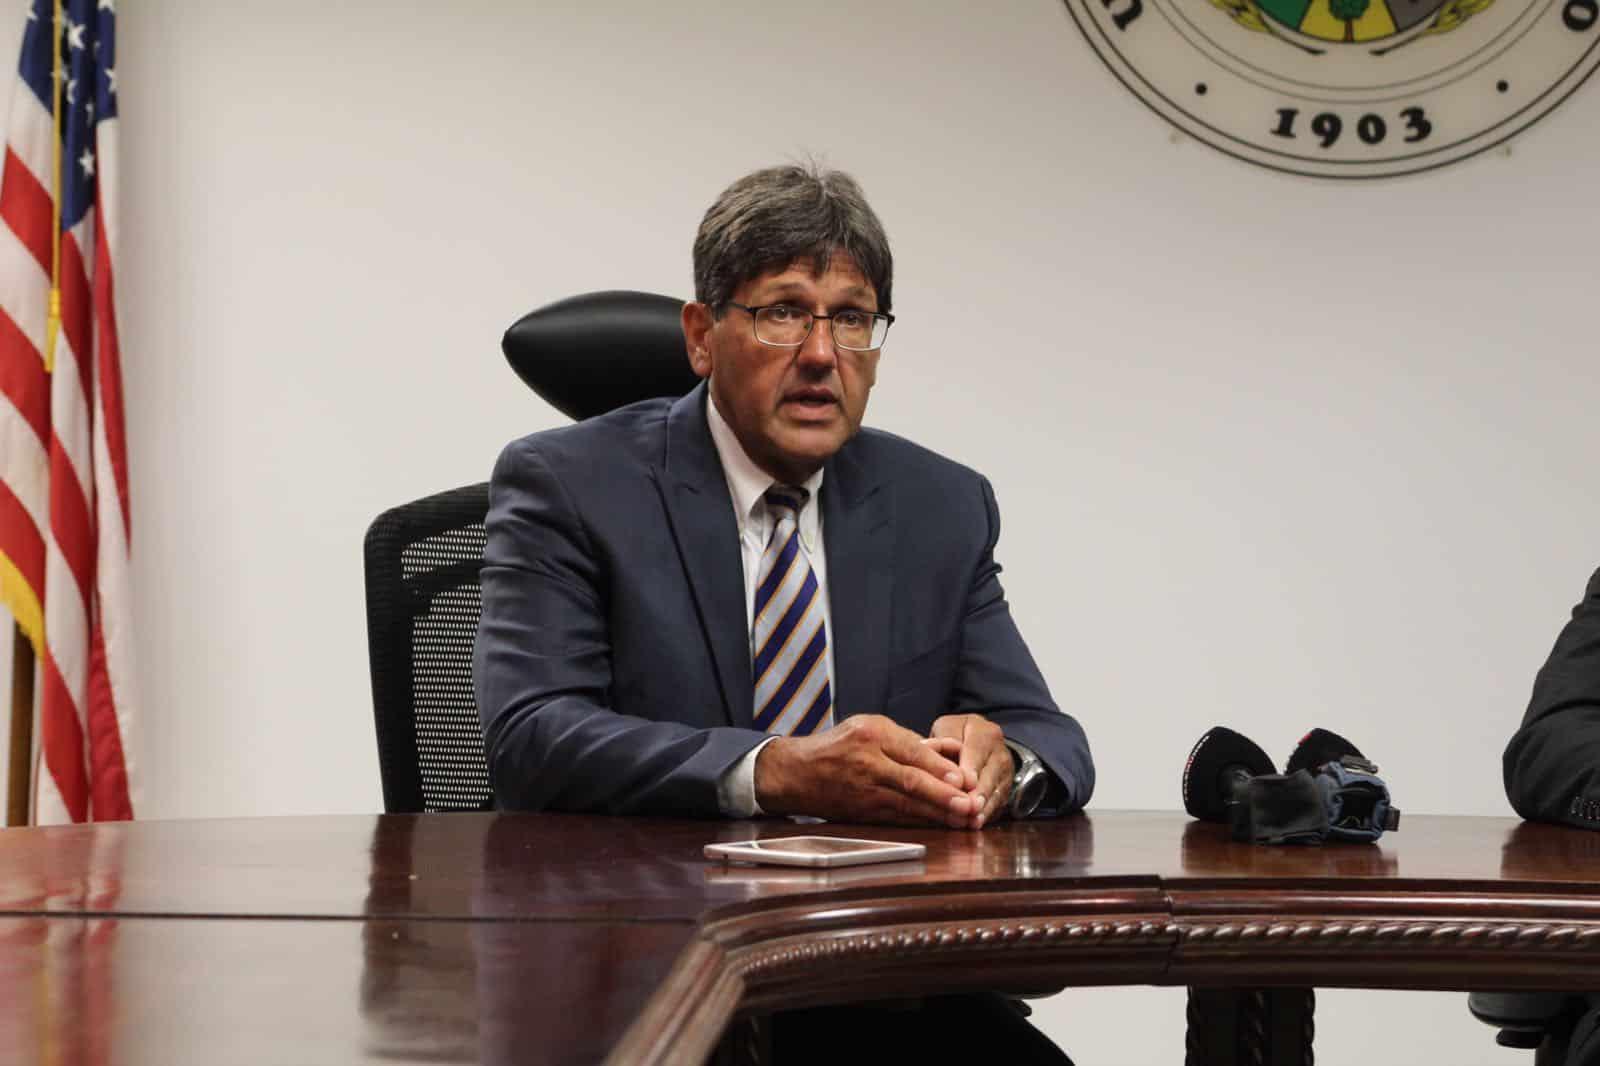 Nombran al nuevo presidente interino de la UPR